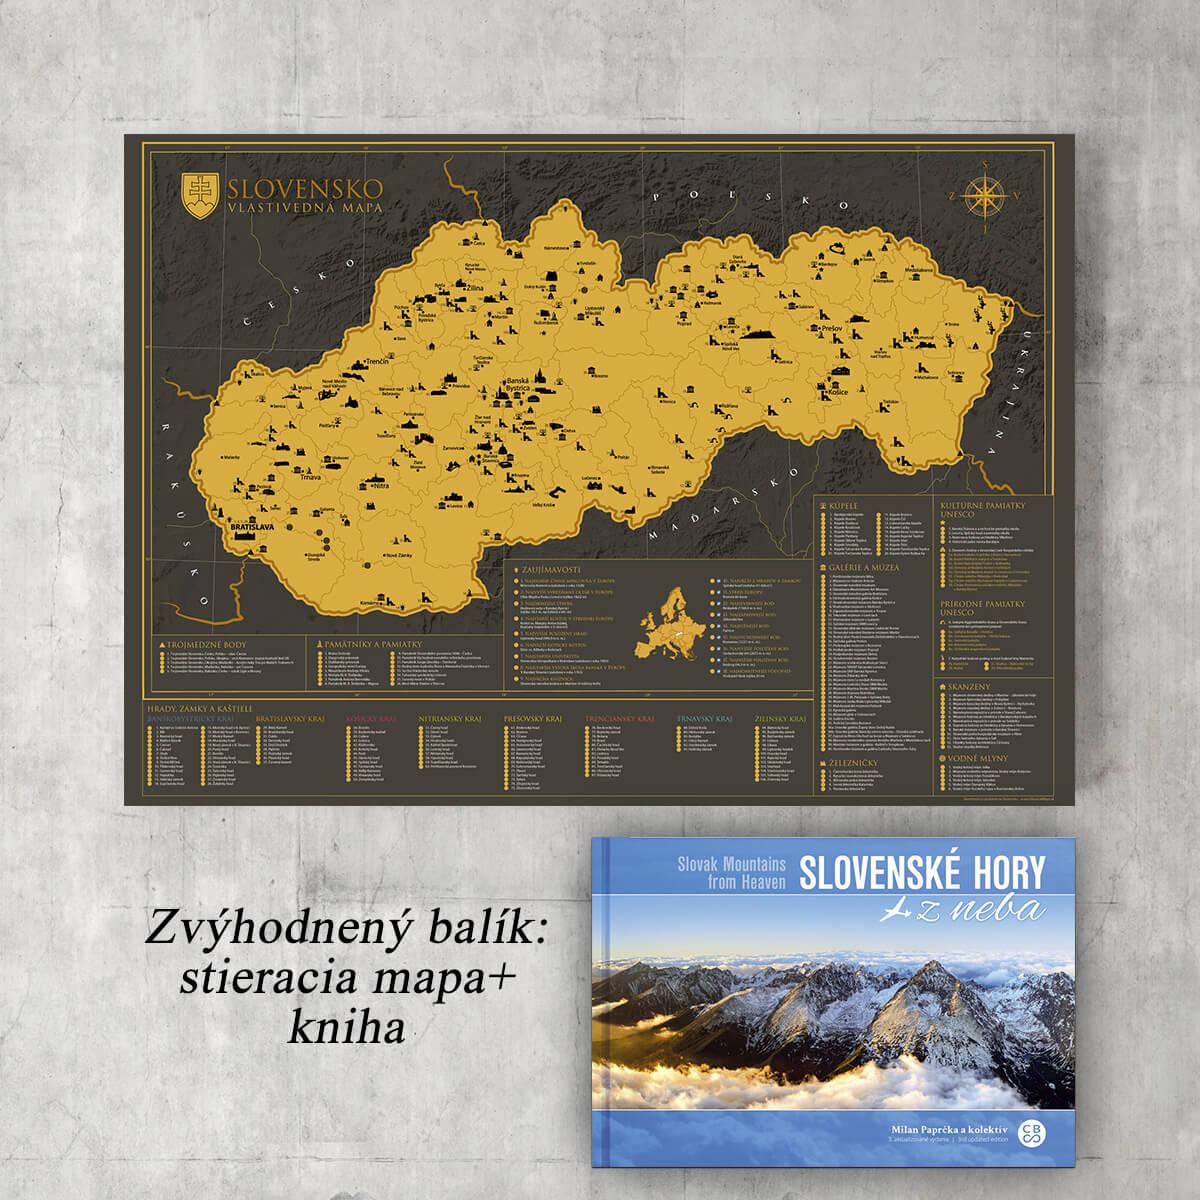 Zvýhodnený balík: Slovenské hory z neba + Stieracia vlastivedná mapa Slovenska (darčeková verzia)